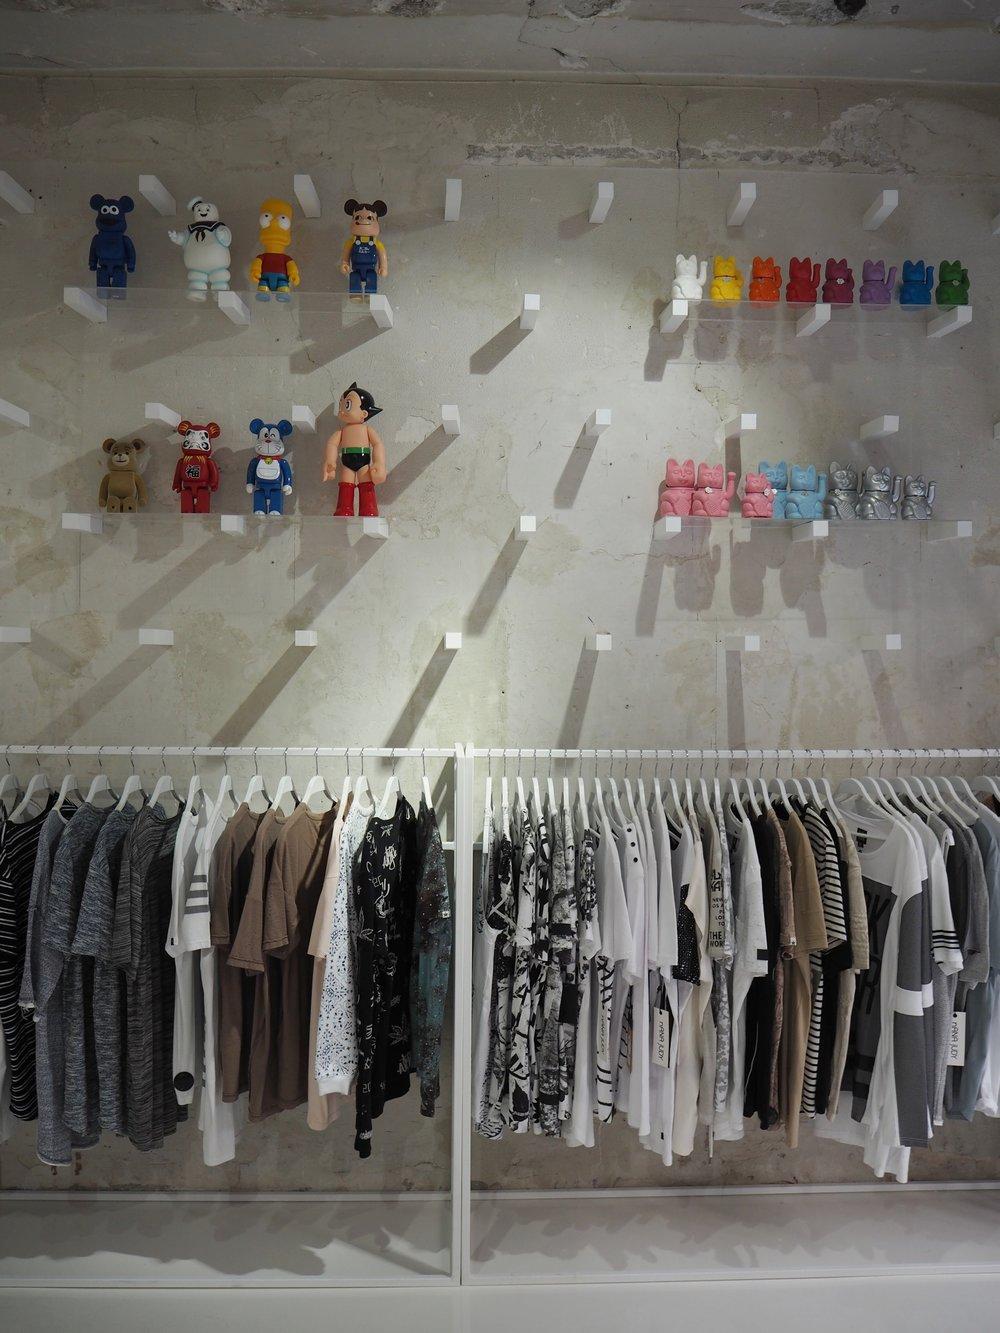 tiendas-ropa-madrid-originales-decoracion.JPG